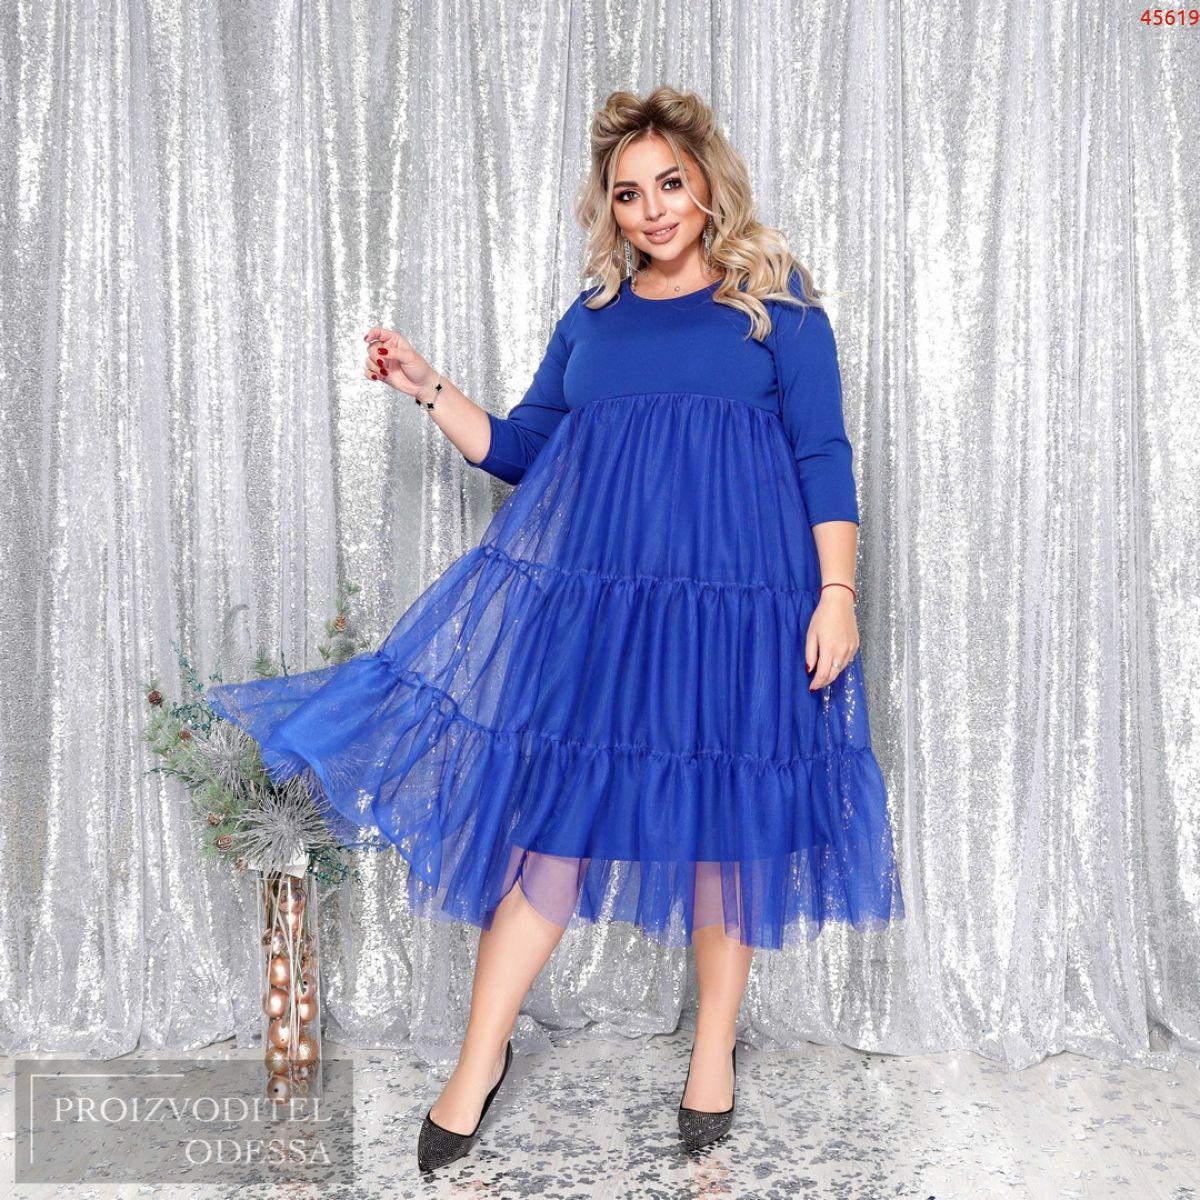 Платье №45619